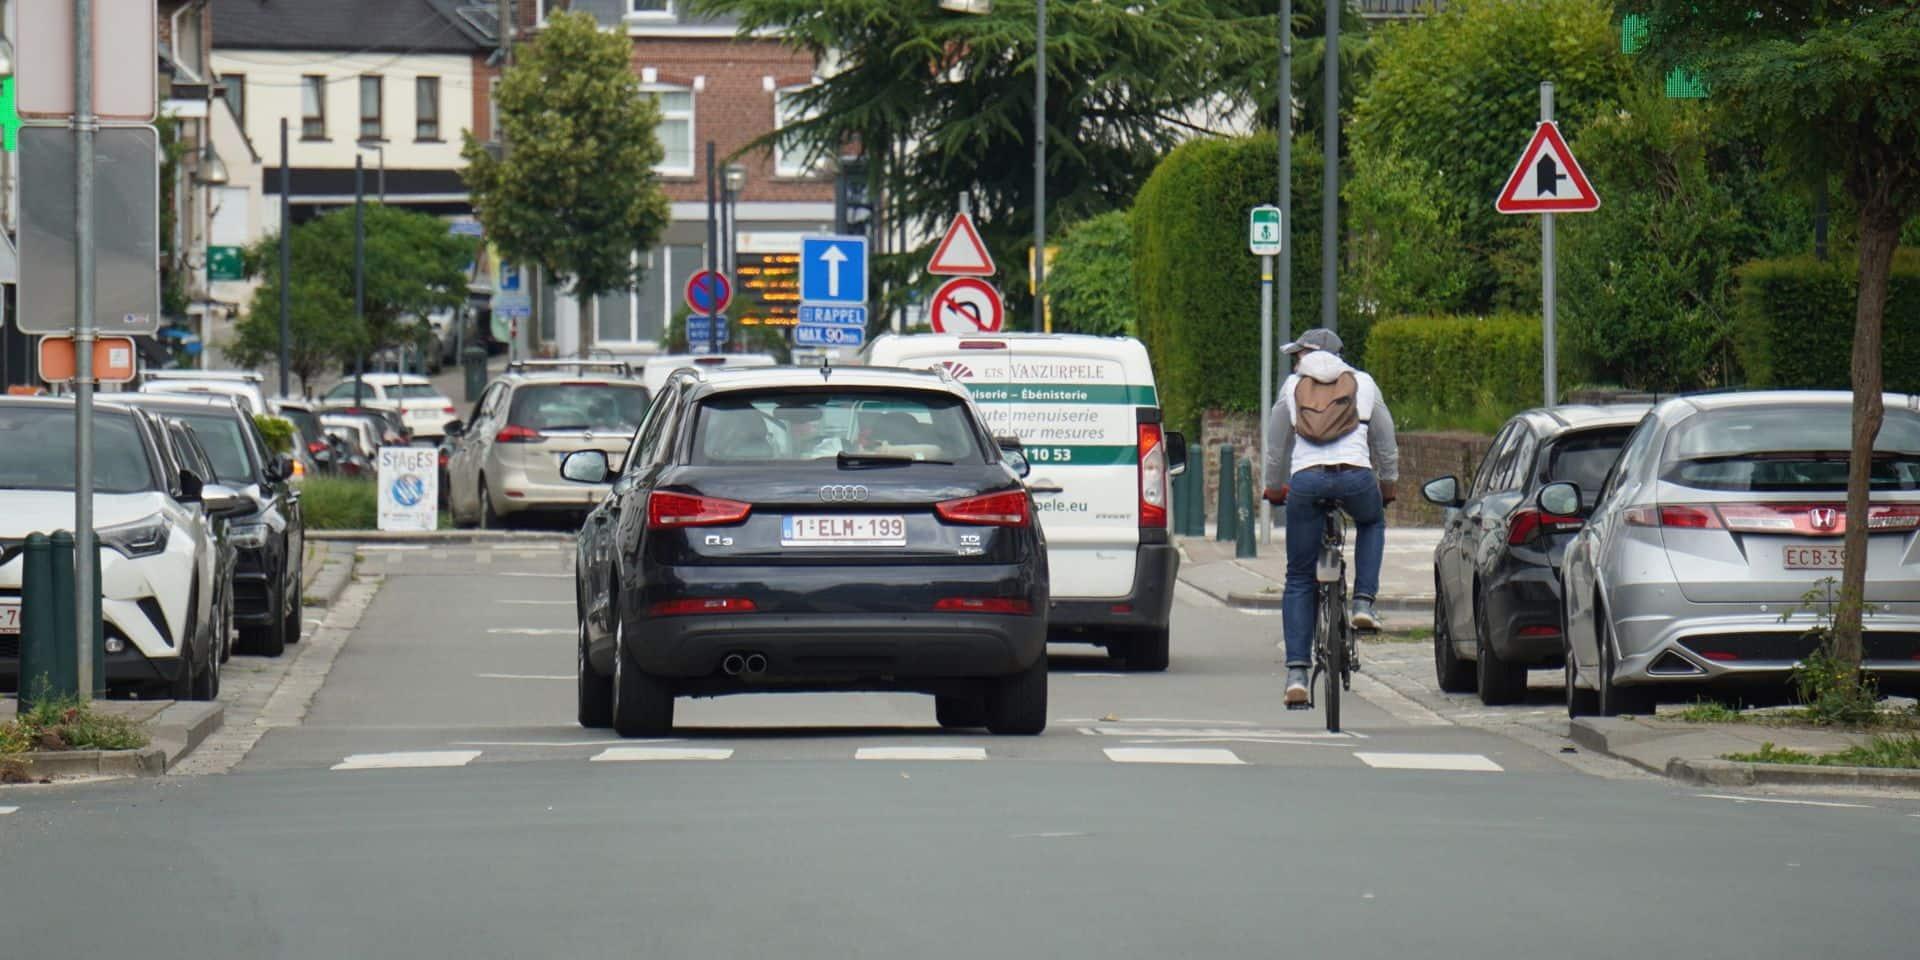 """Les usagers faibles impliqués dans 20 accidents en 2019 à Rixensart: """"des chiffres interpellants"""""""